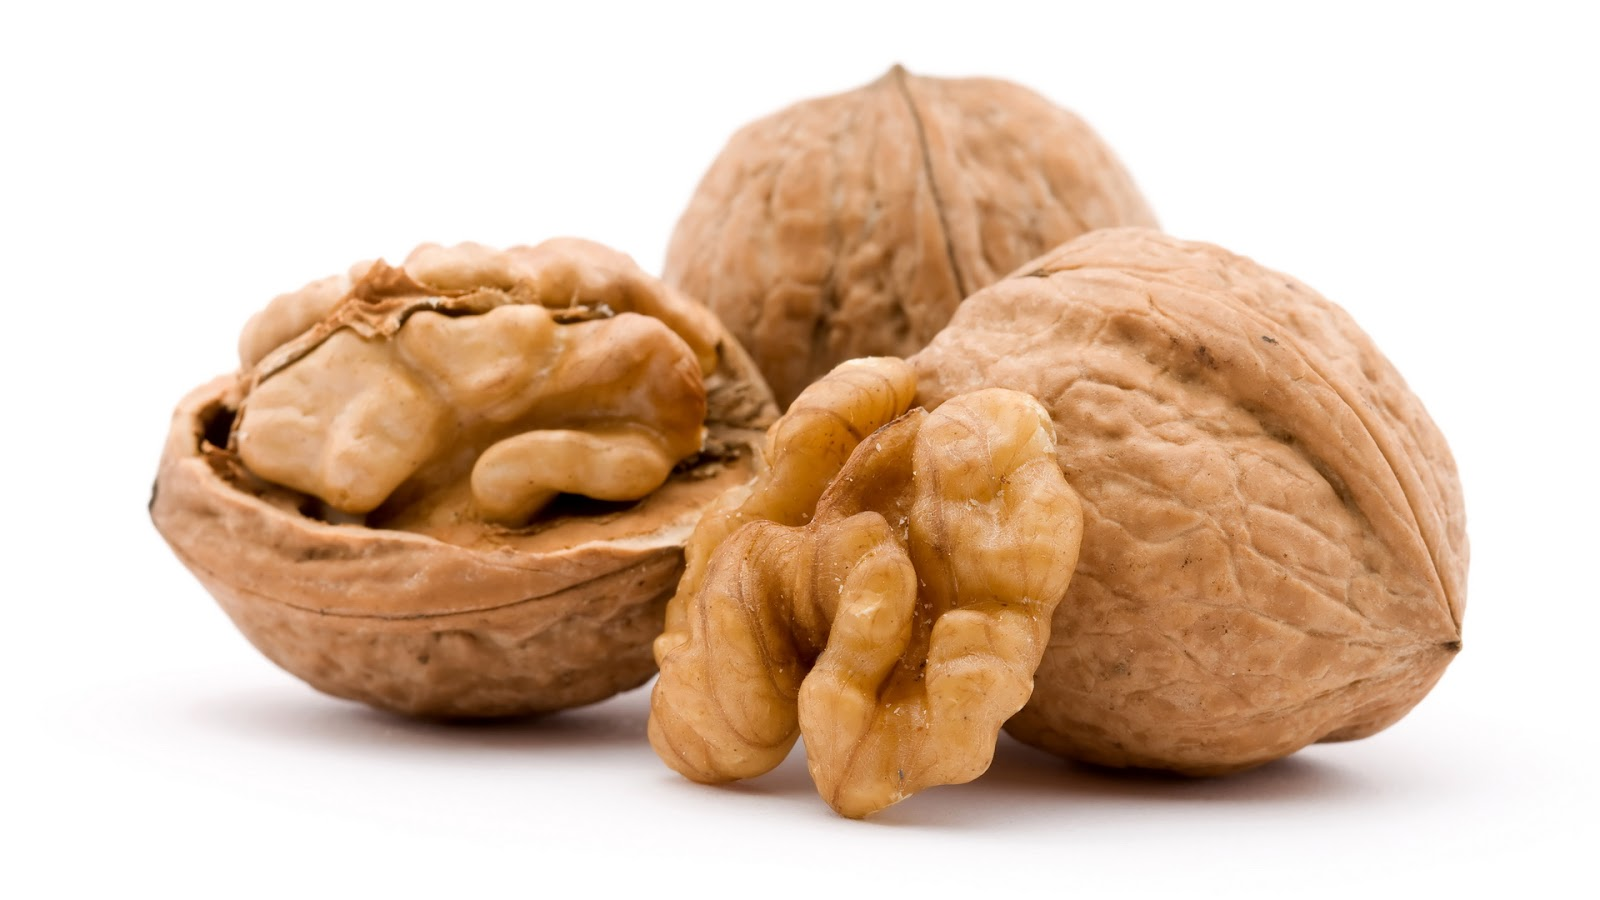 Las nueces son los frutos secos más beneficiosos